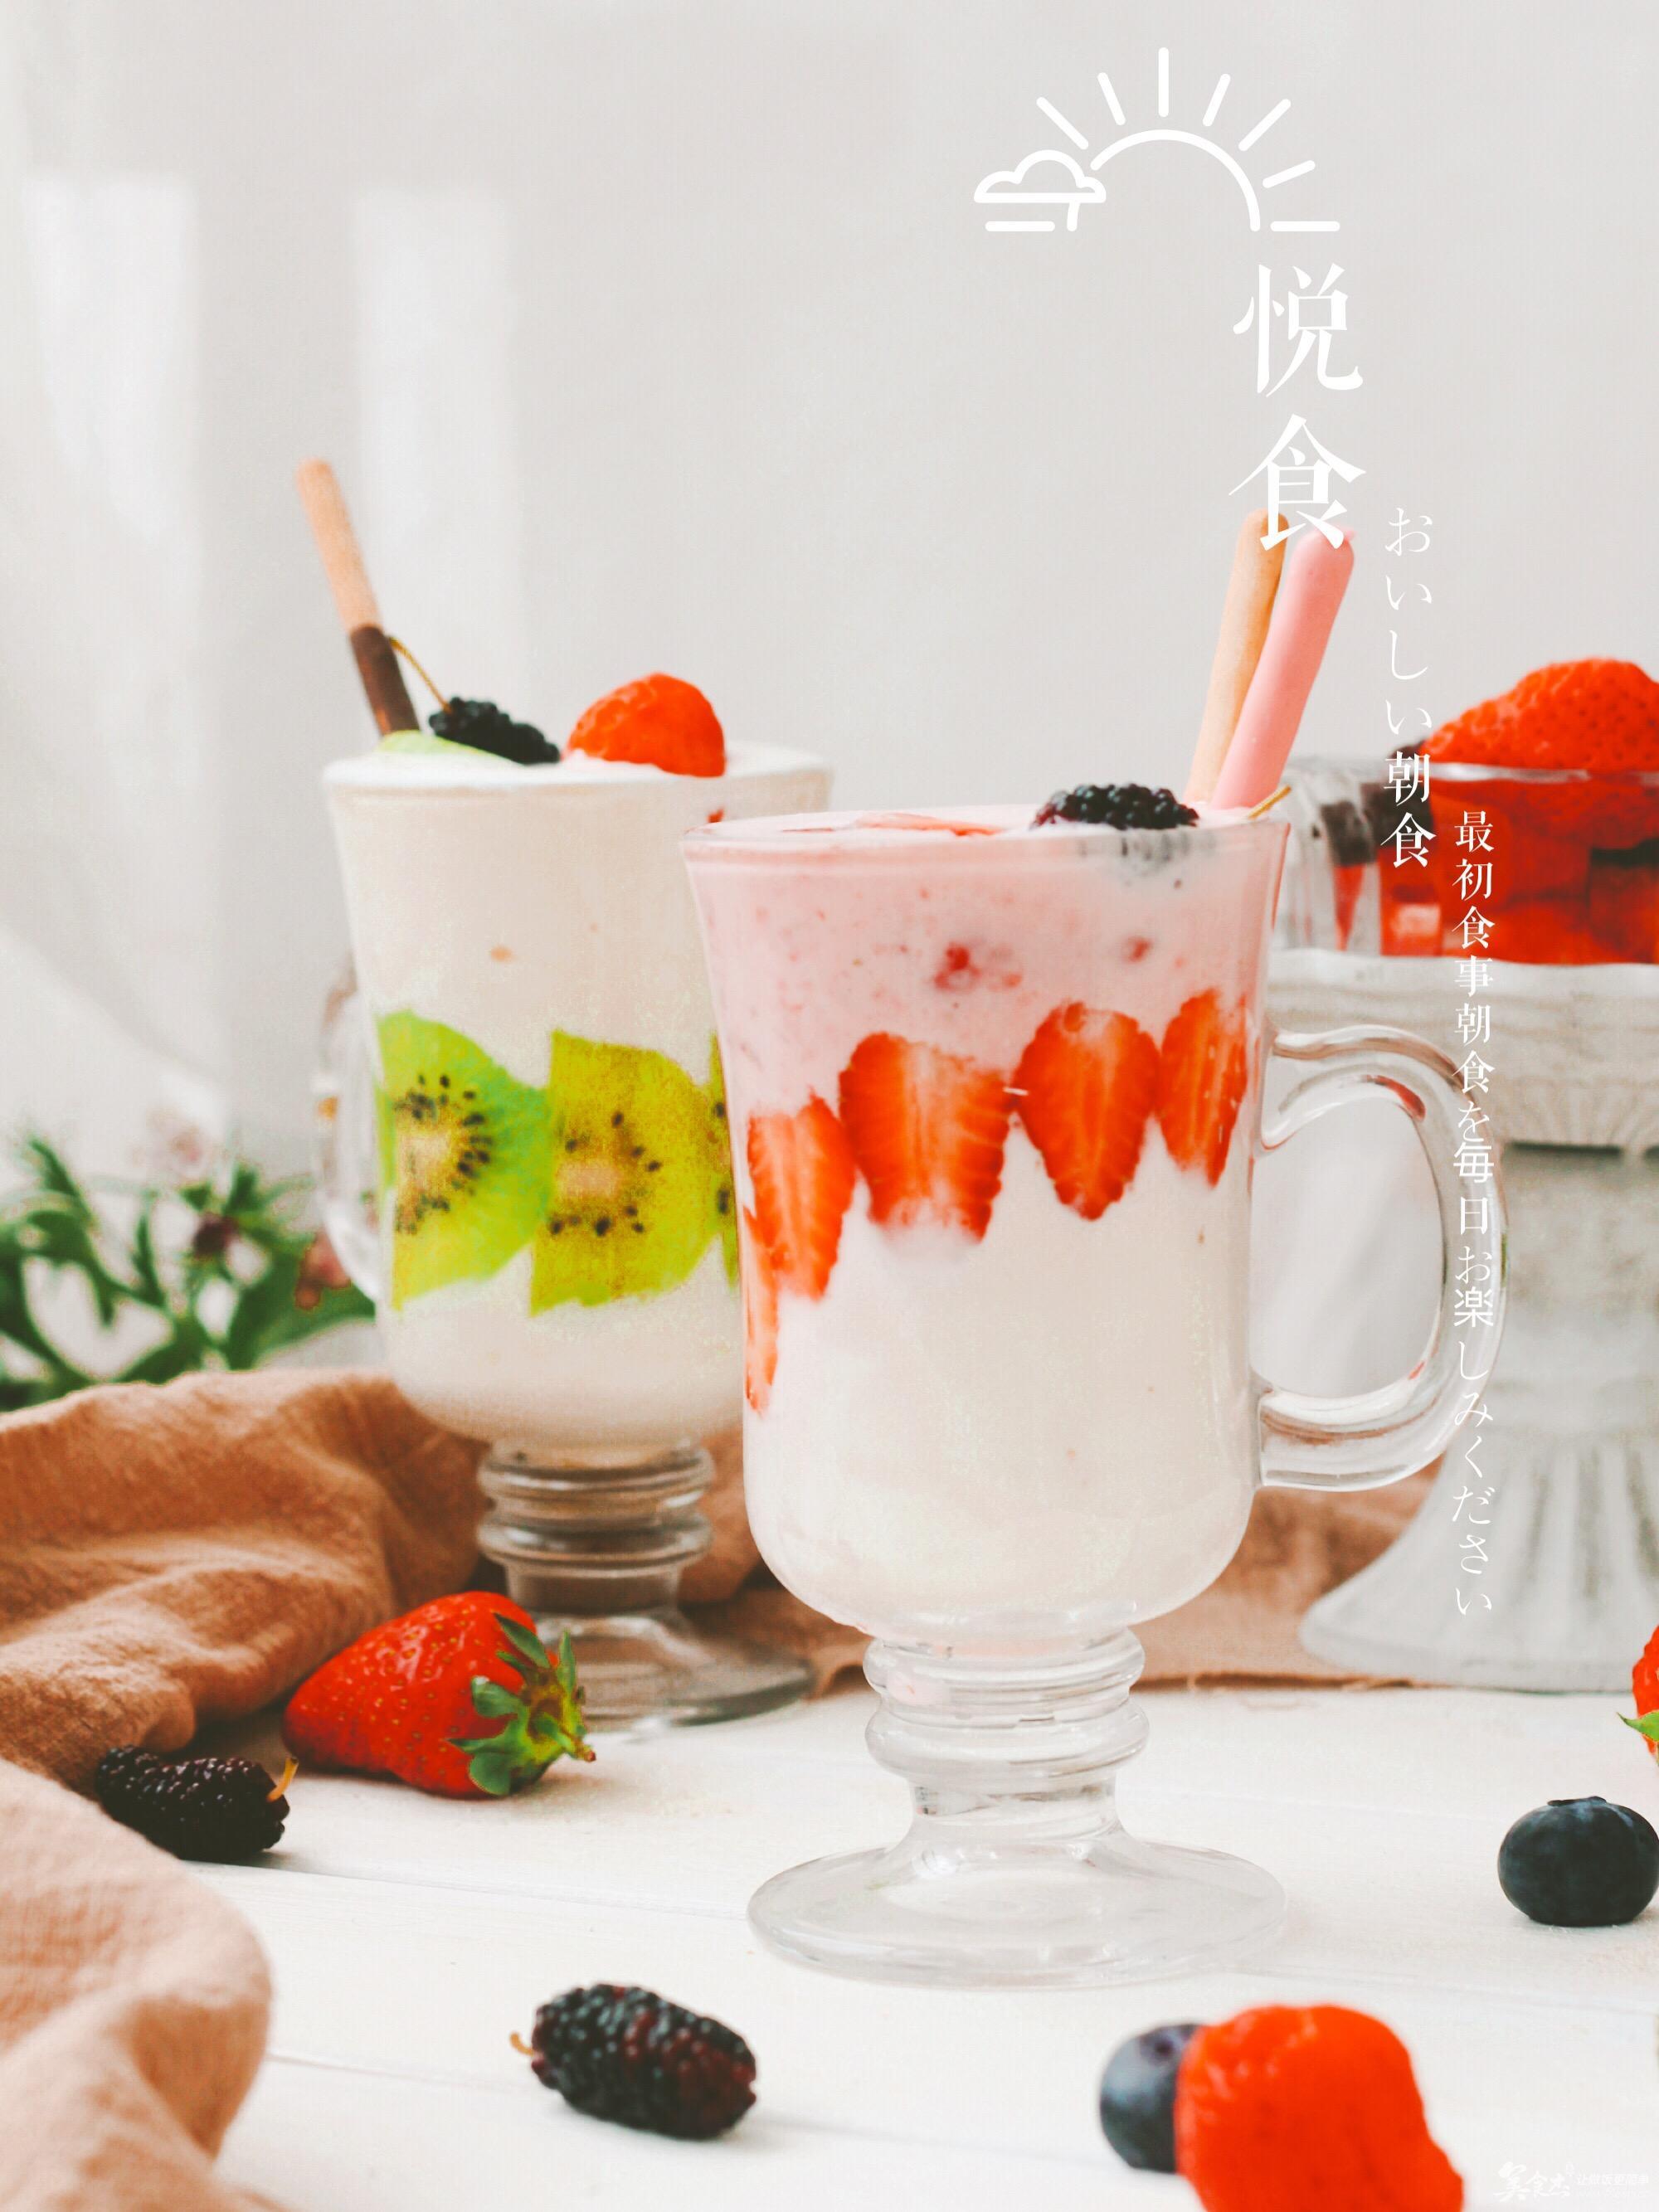 成分是新鲜的水果或者冰冻的水果,用搅拌机打碎后加上碎冰,果汁,雪泥